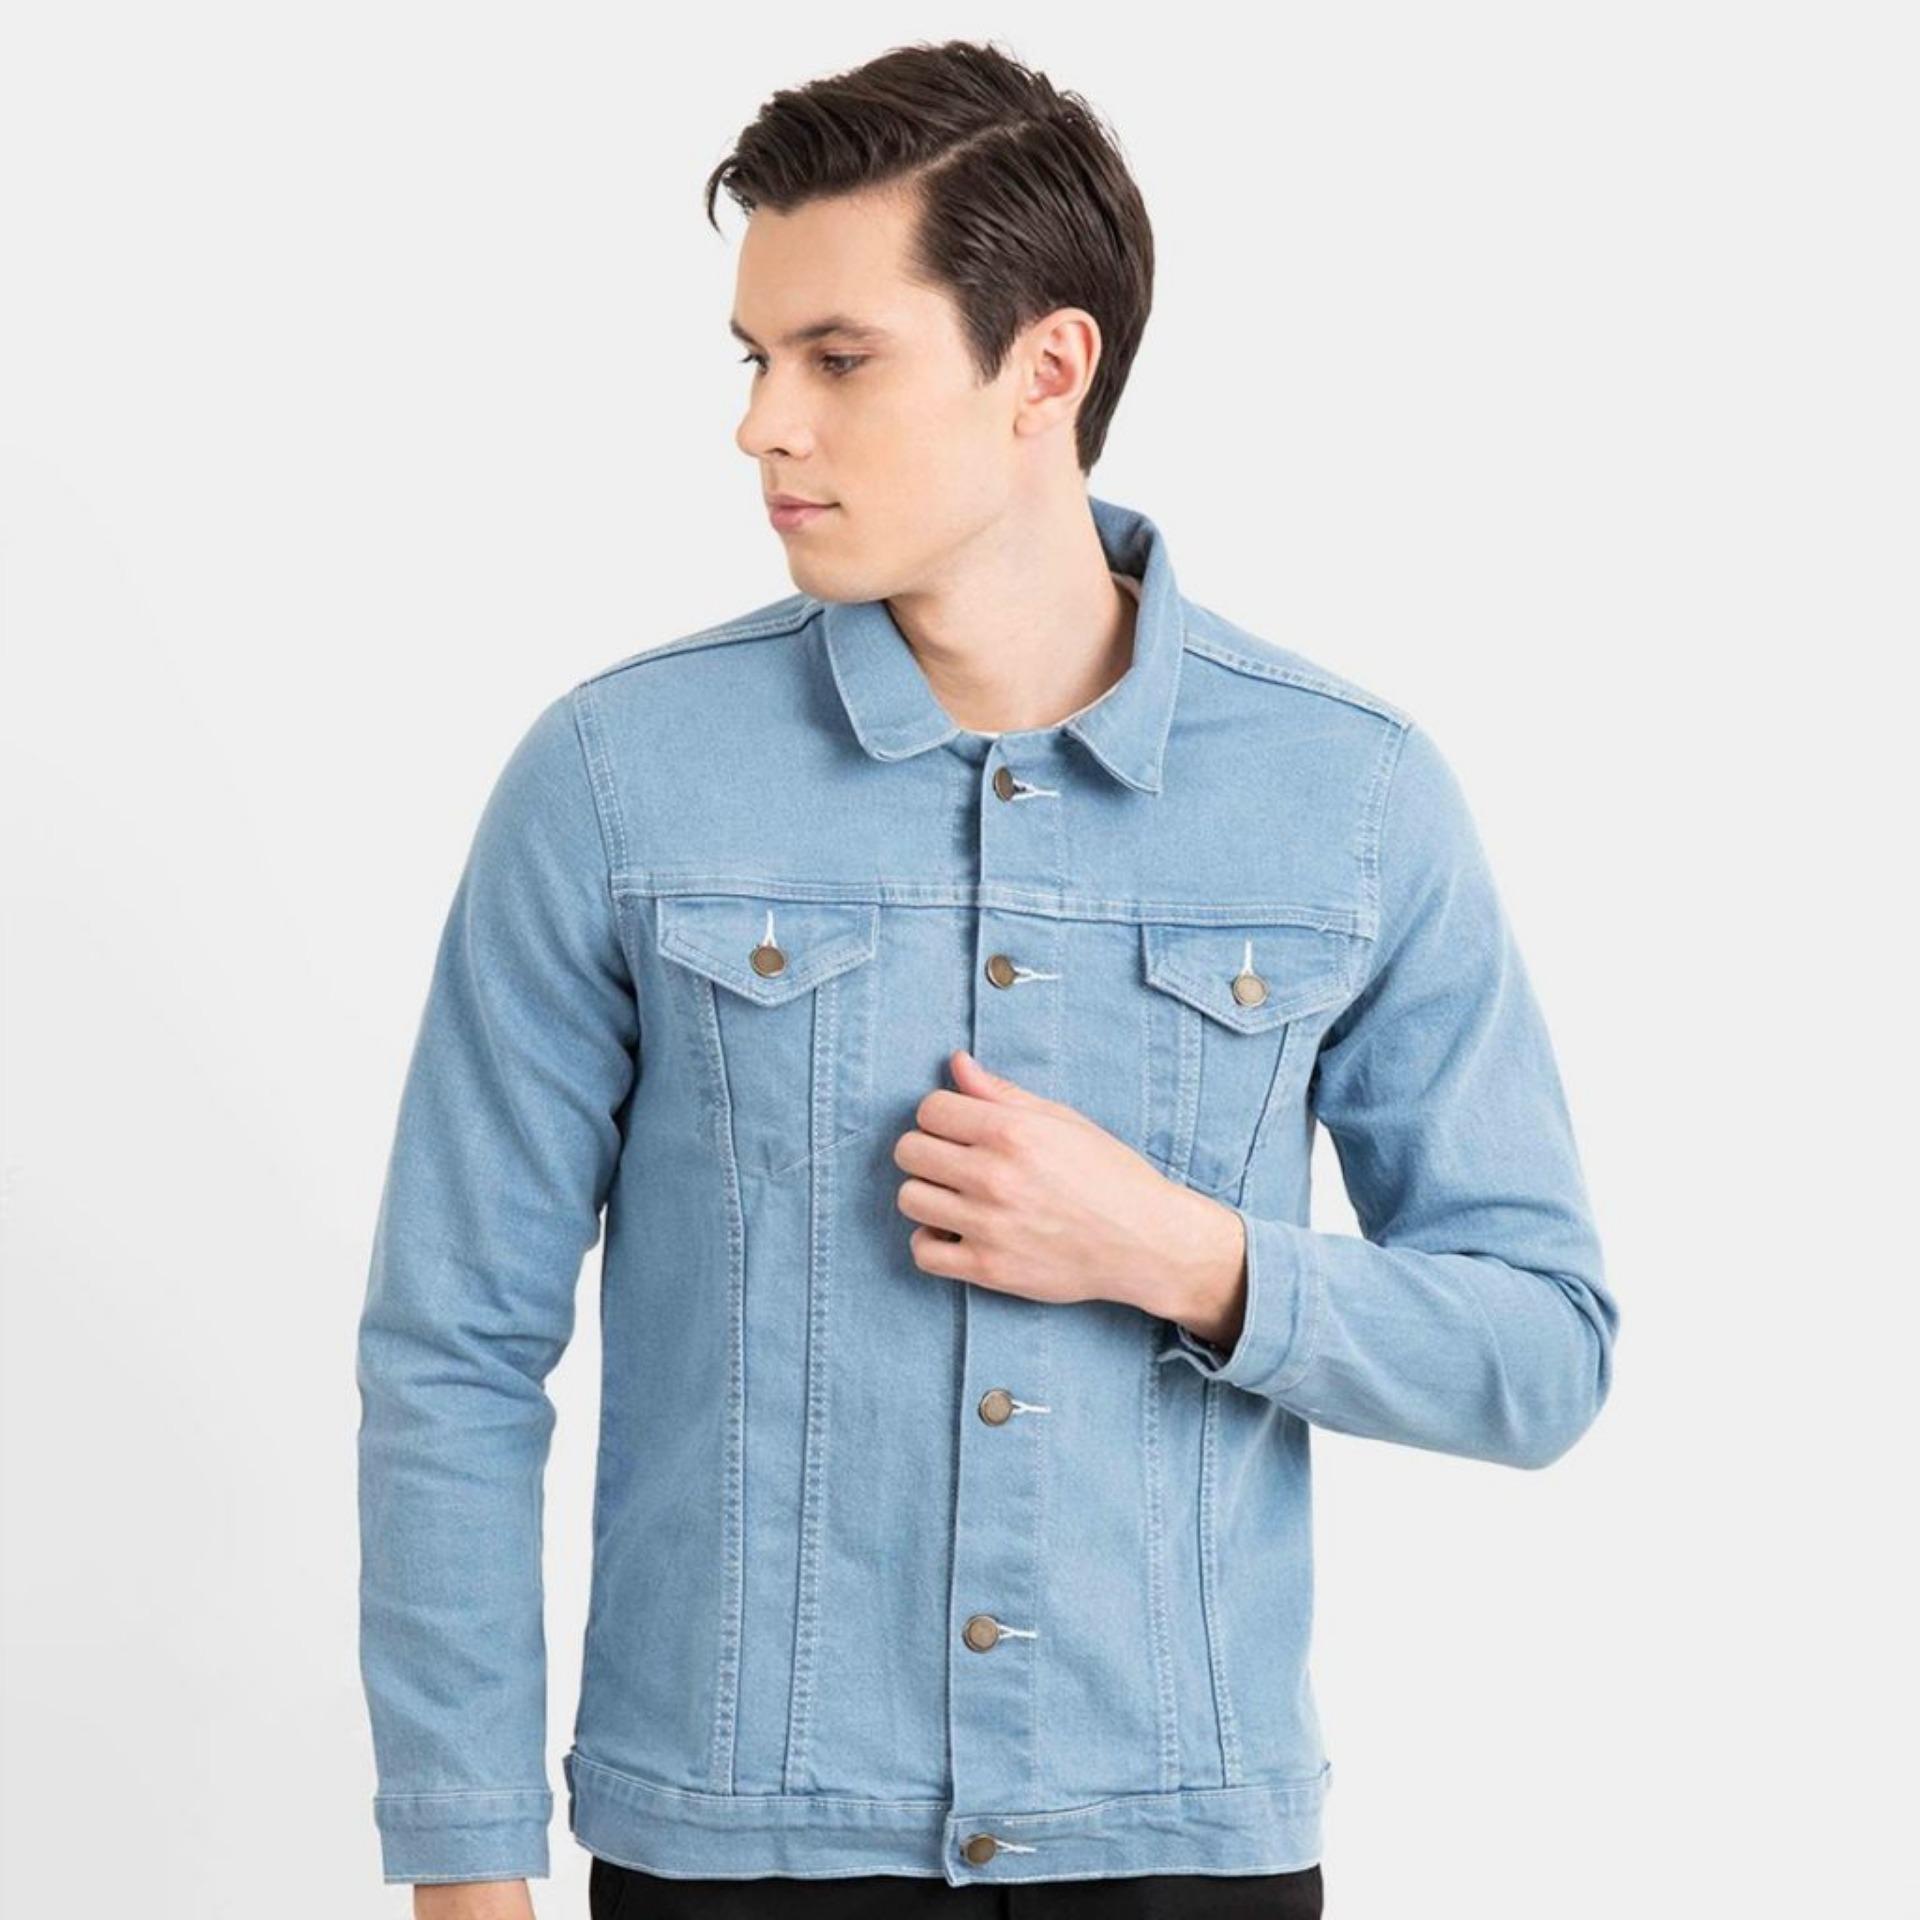 Jaket Mantel Pria Terbaru Jeans Denim Dilan Biru Muda